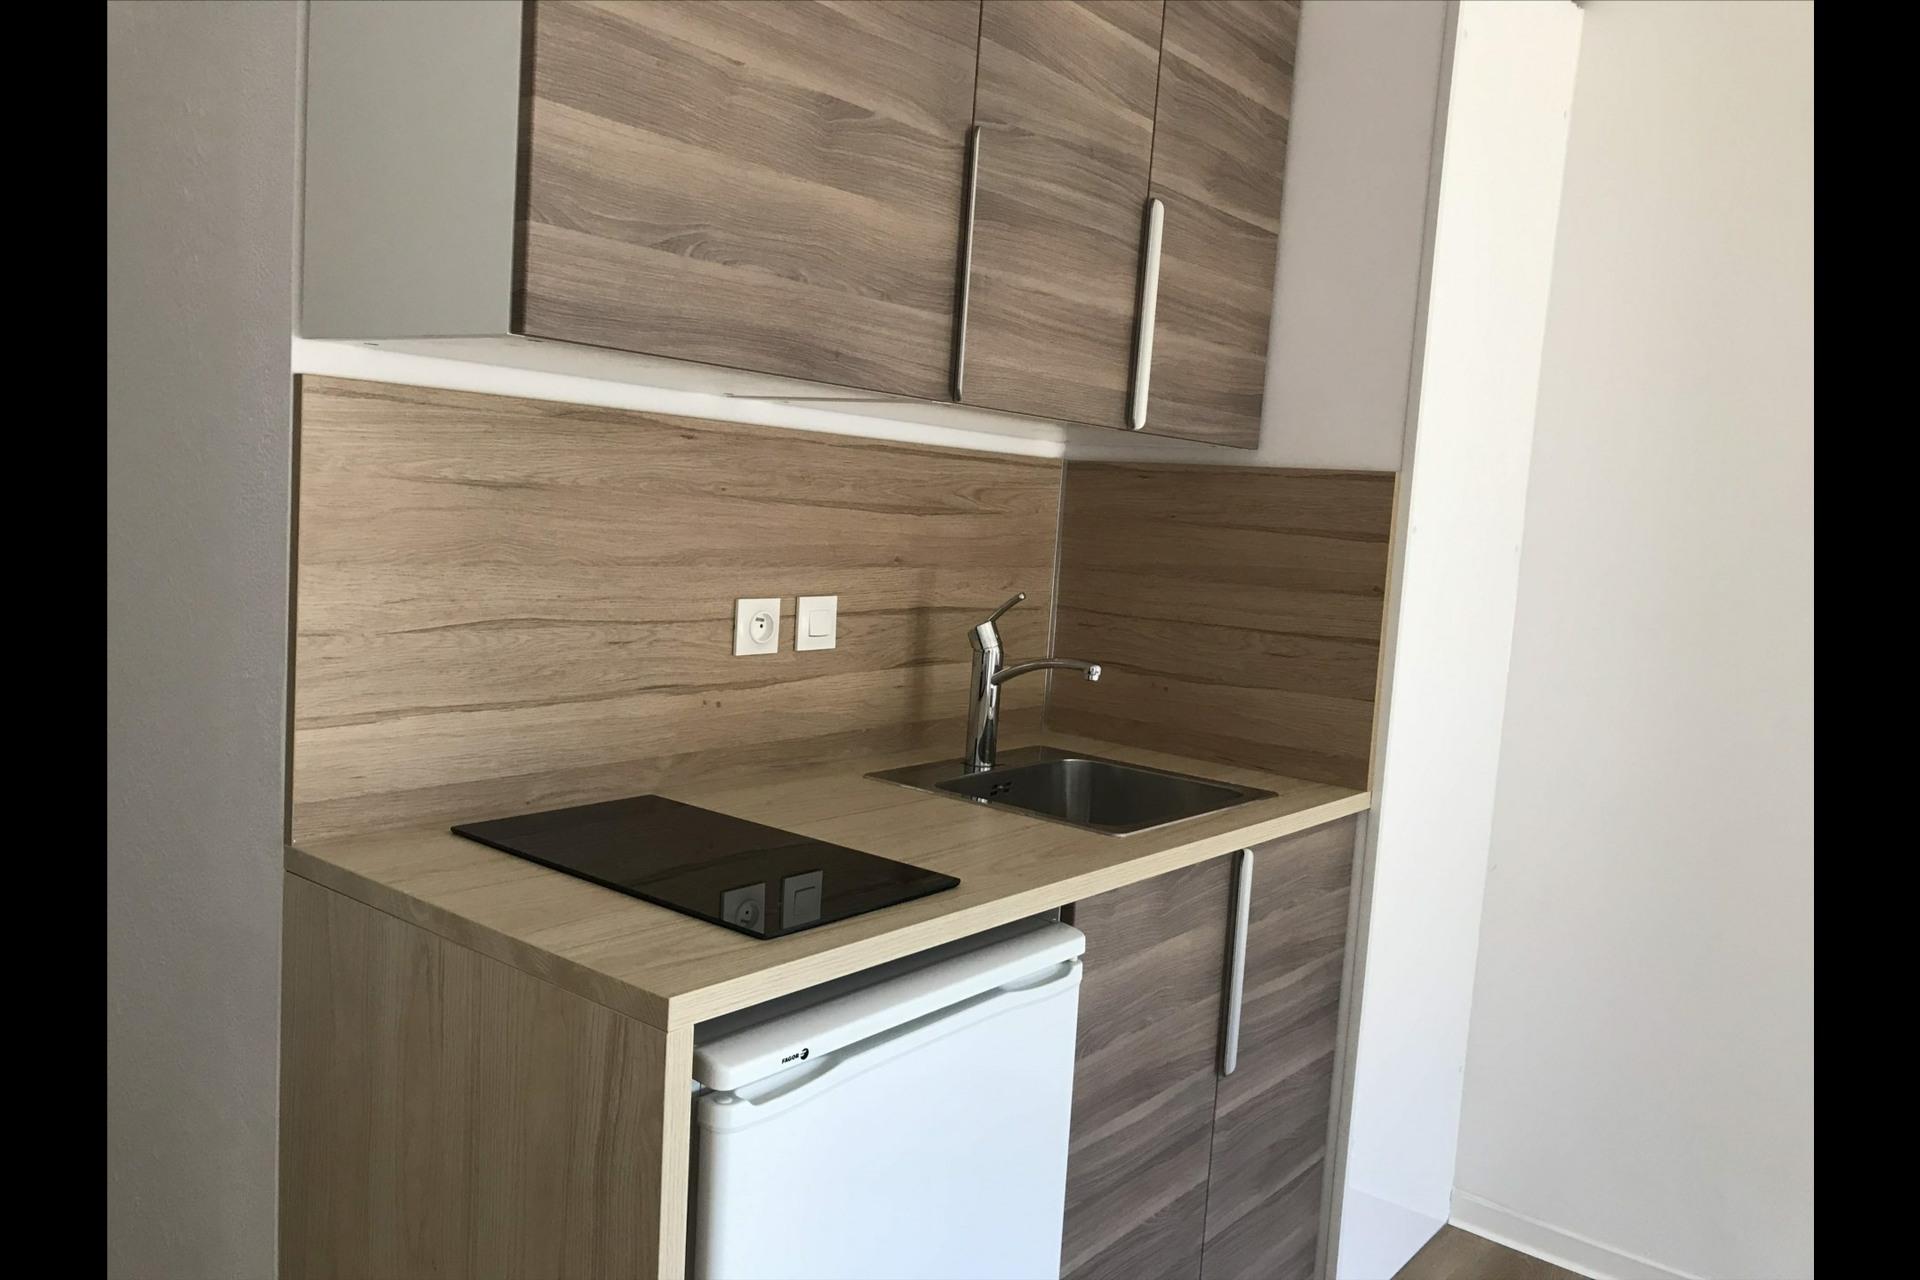 image 3 - Appartement À louer VANDOEUVRE LES NANCY VANDOEUVRE  BRABOIS Plateau de Brabois - 1 pièce